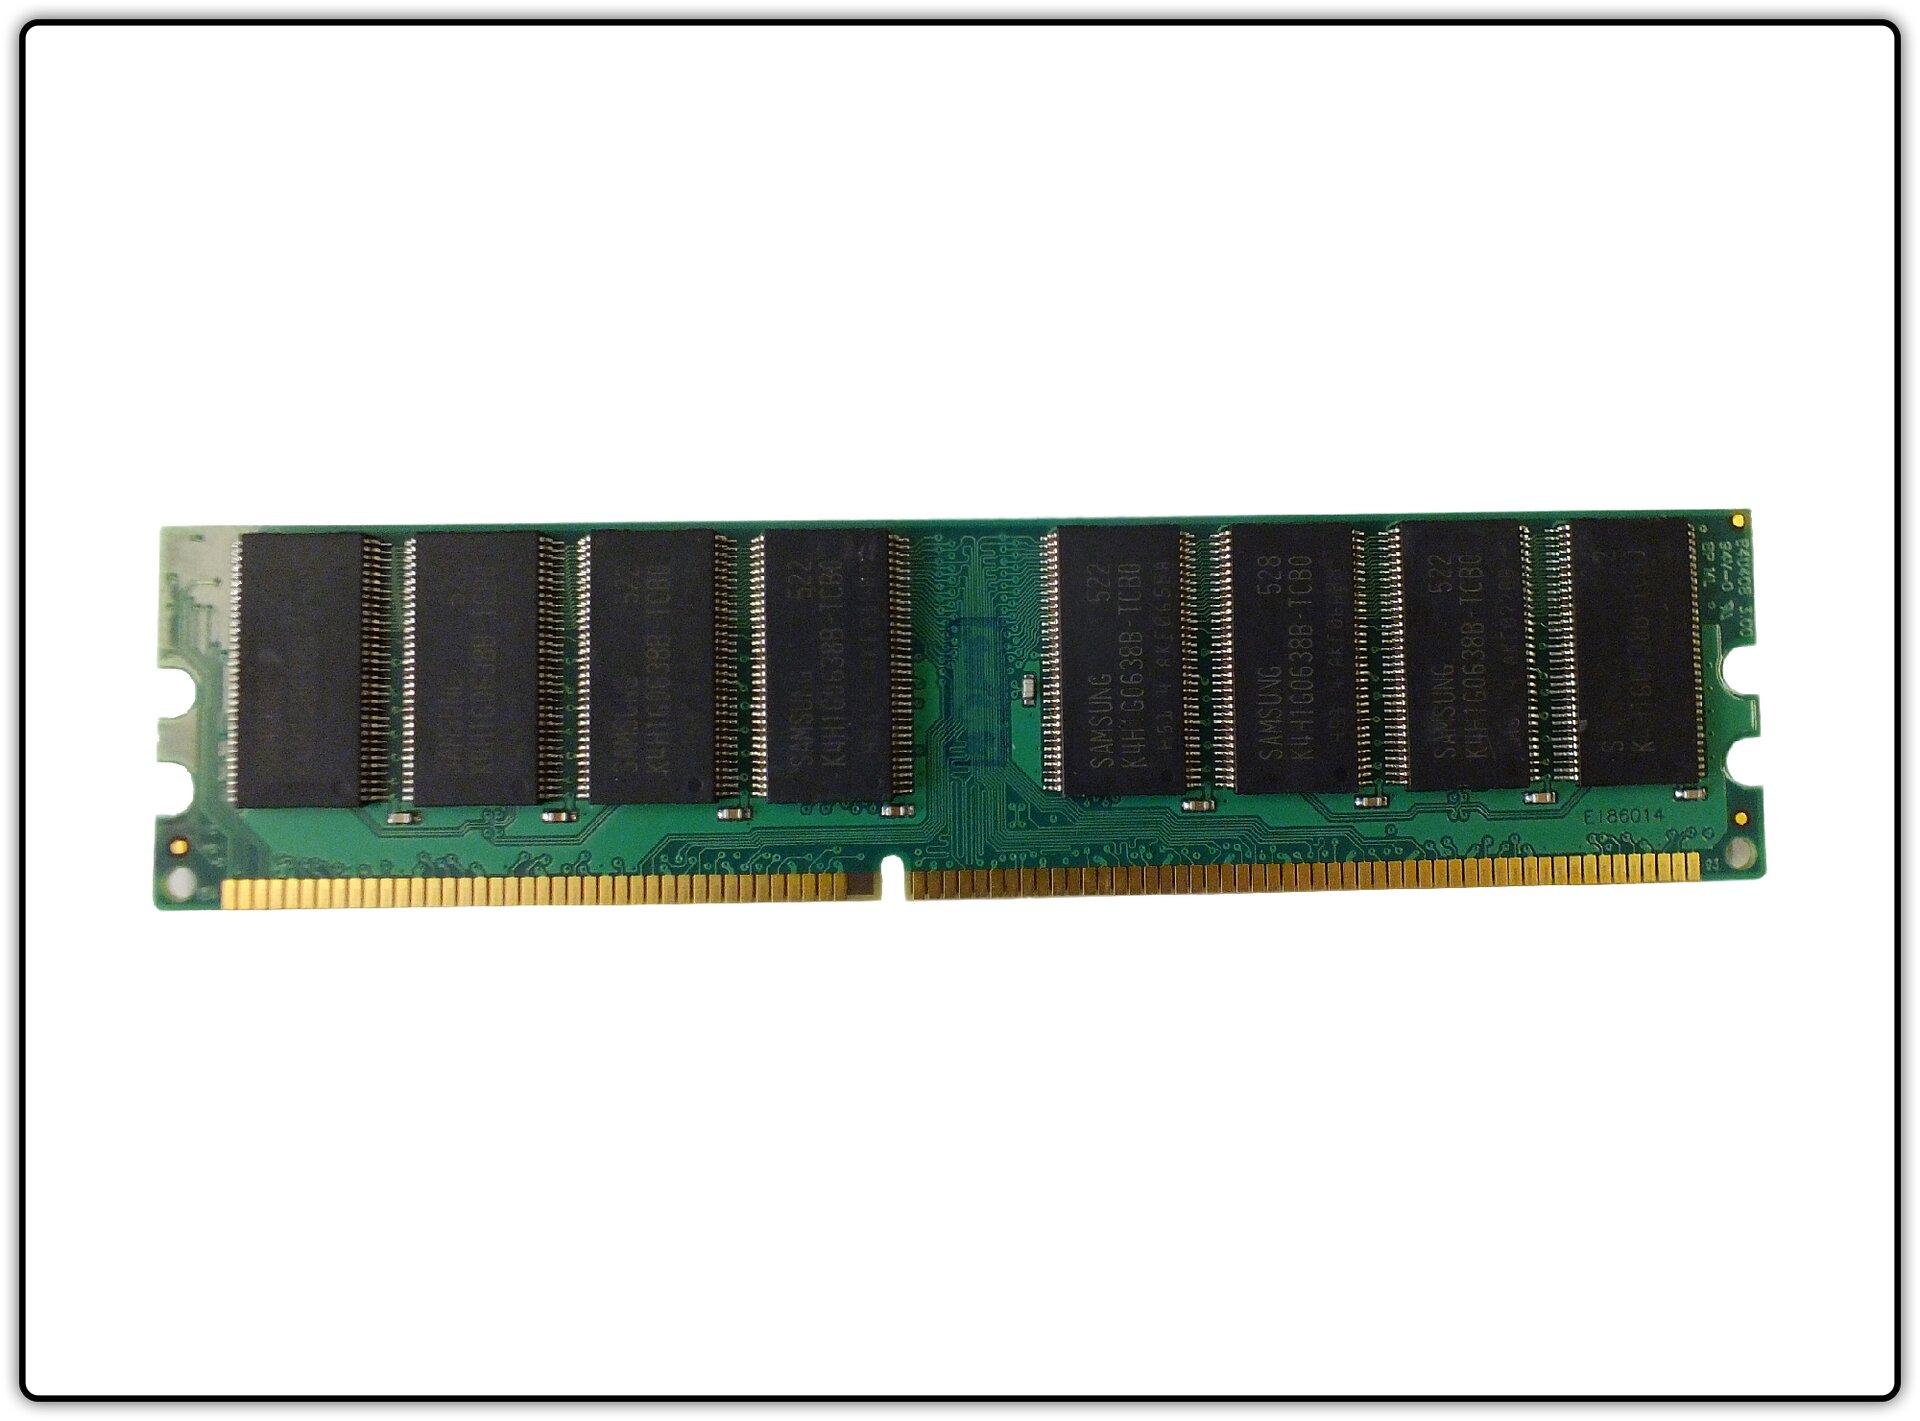 Slajd 1 galerii fotografii modułów pamięci